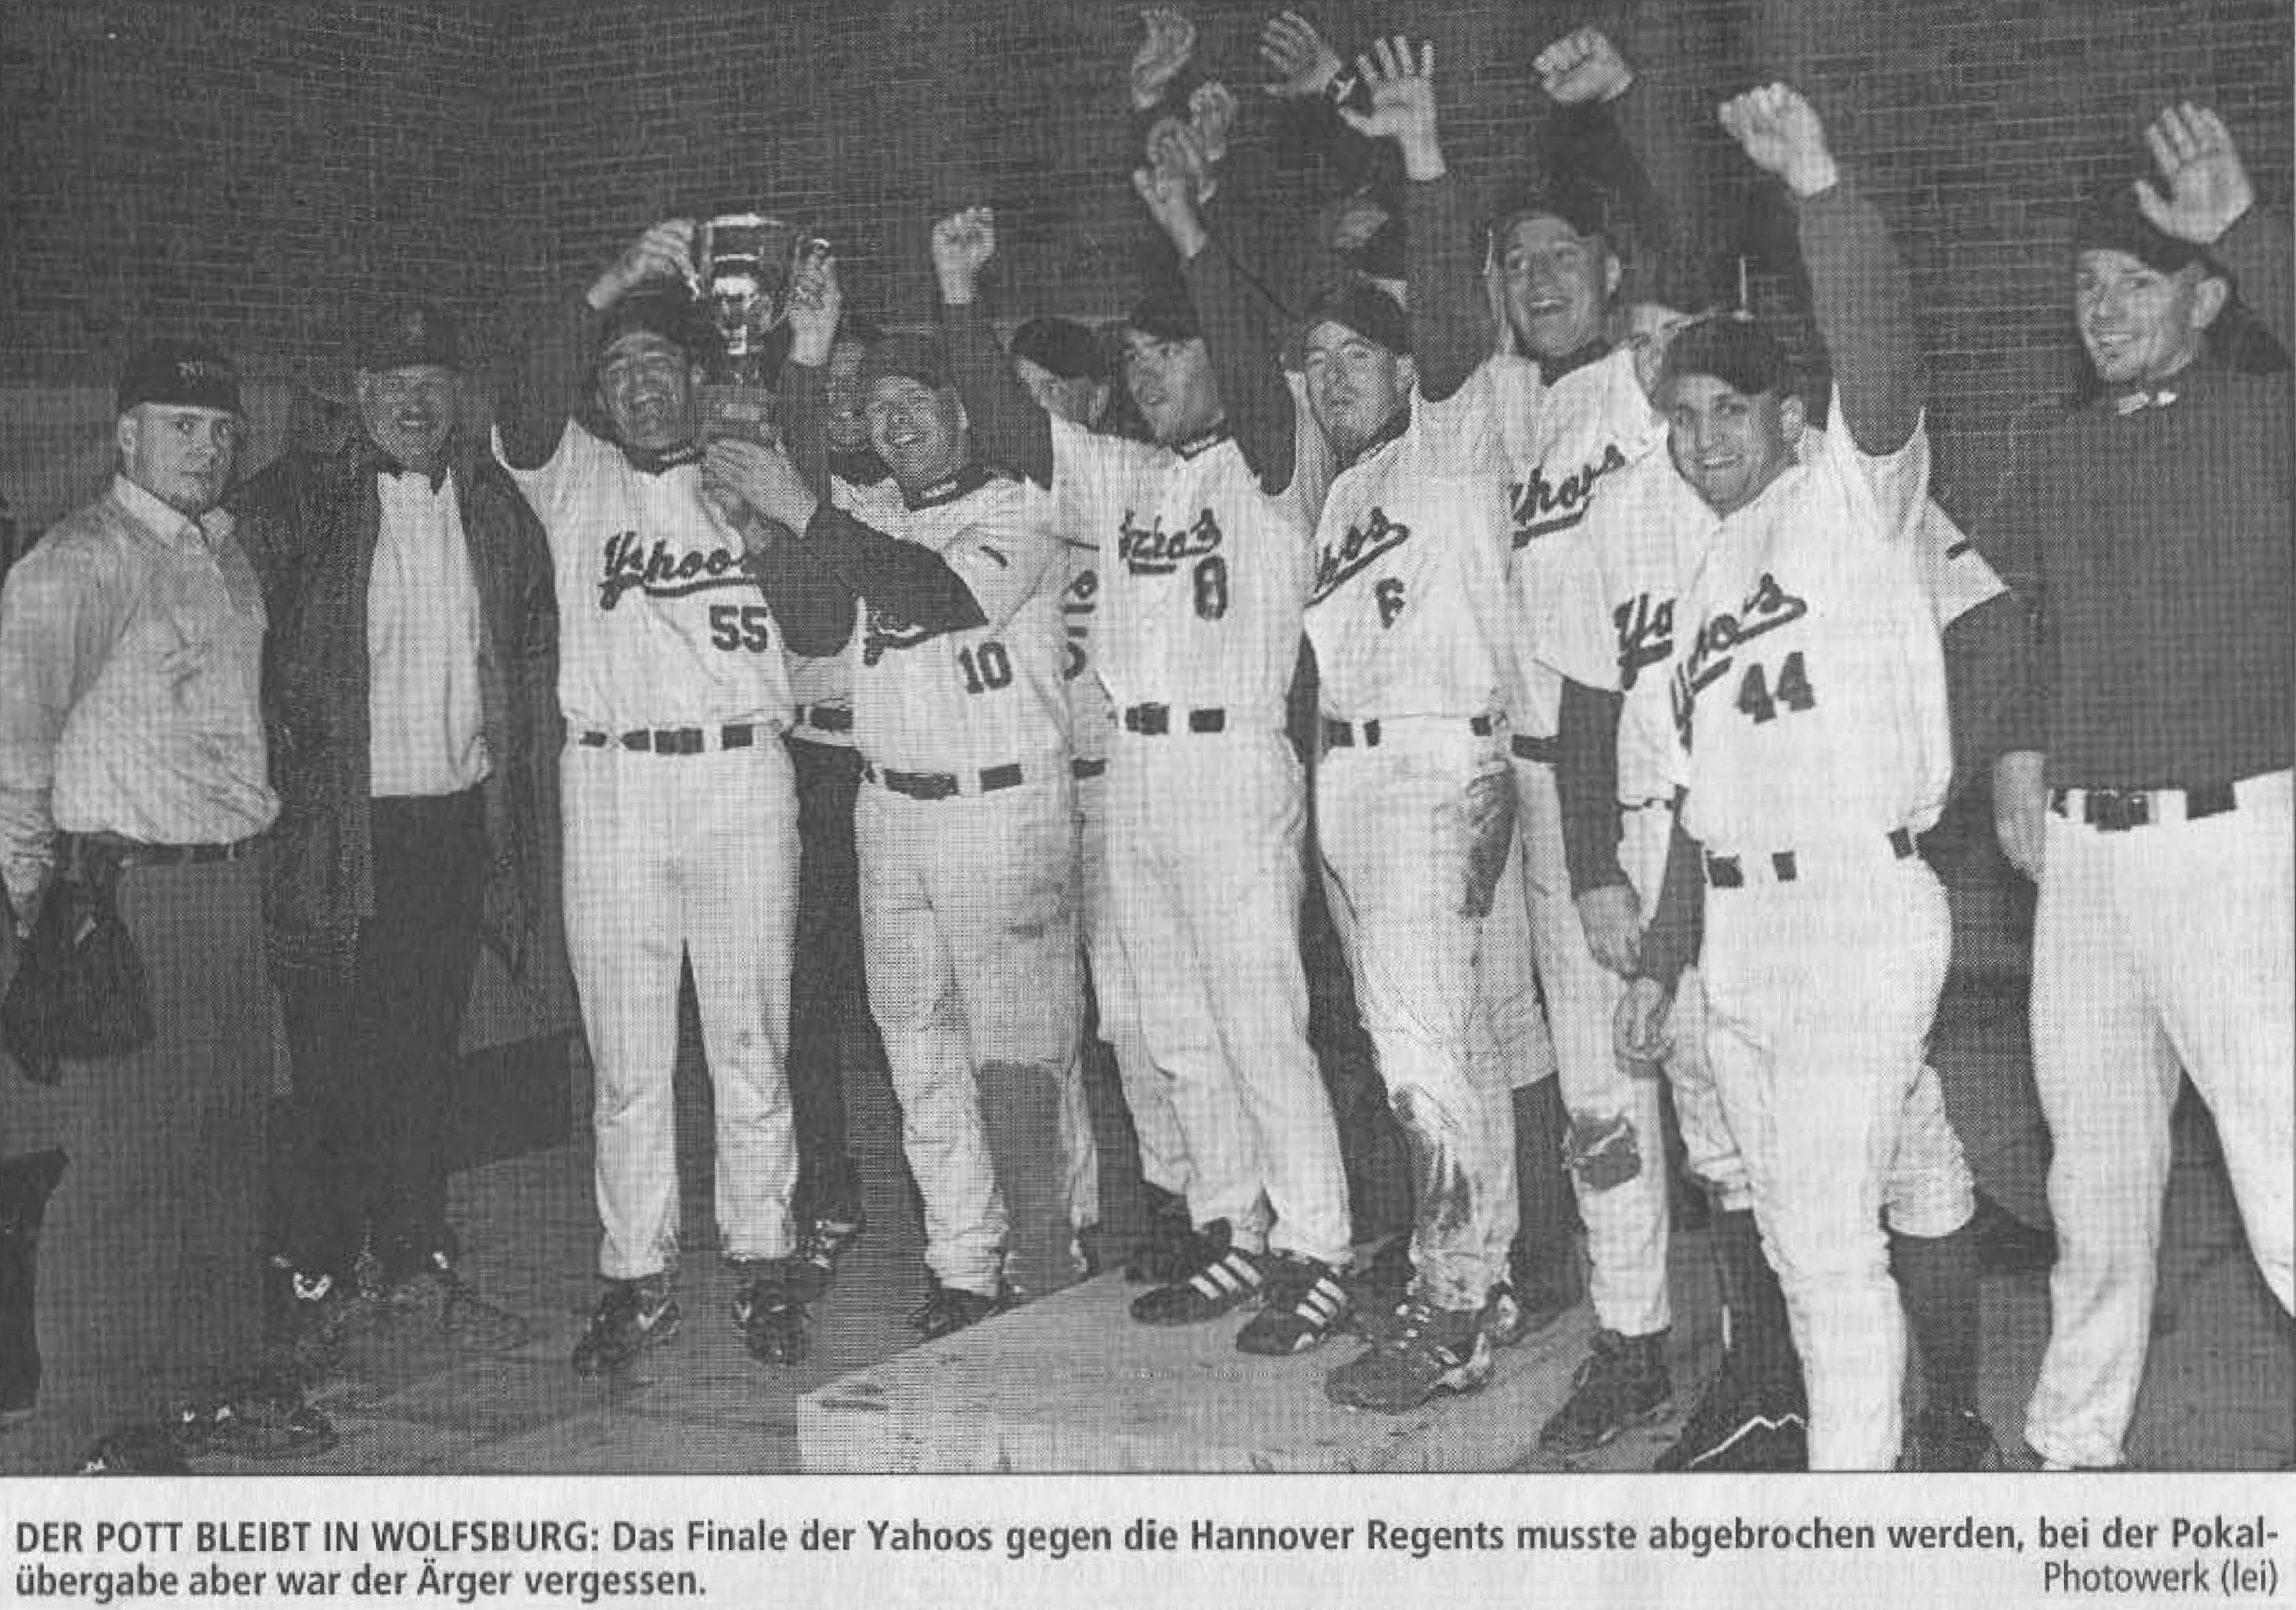 DER POTT BLEIBT IN WOLFSBURG: Das Finale der Yahoos gegen die Hannover Regents musste abgebrochen werden, bei der Pokalübergabe aber war der Ärger vergessen. Photowerk